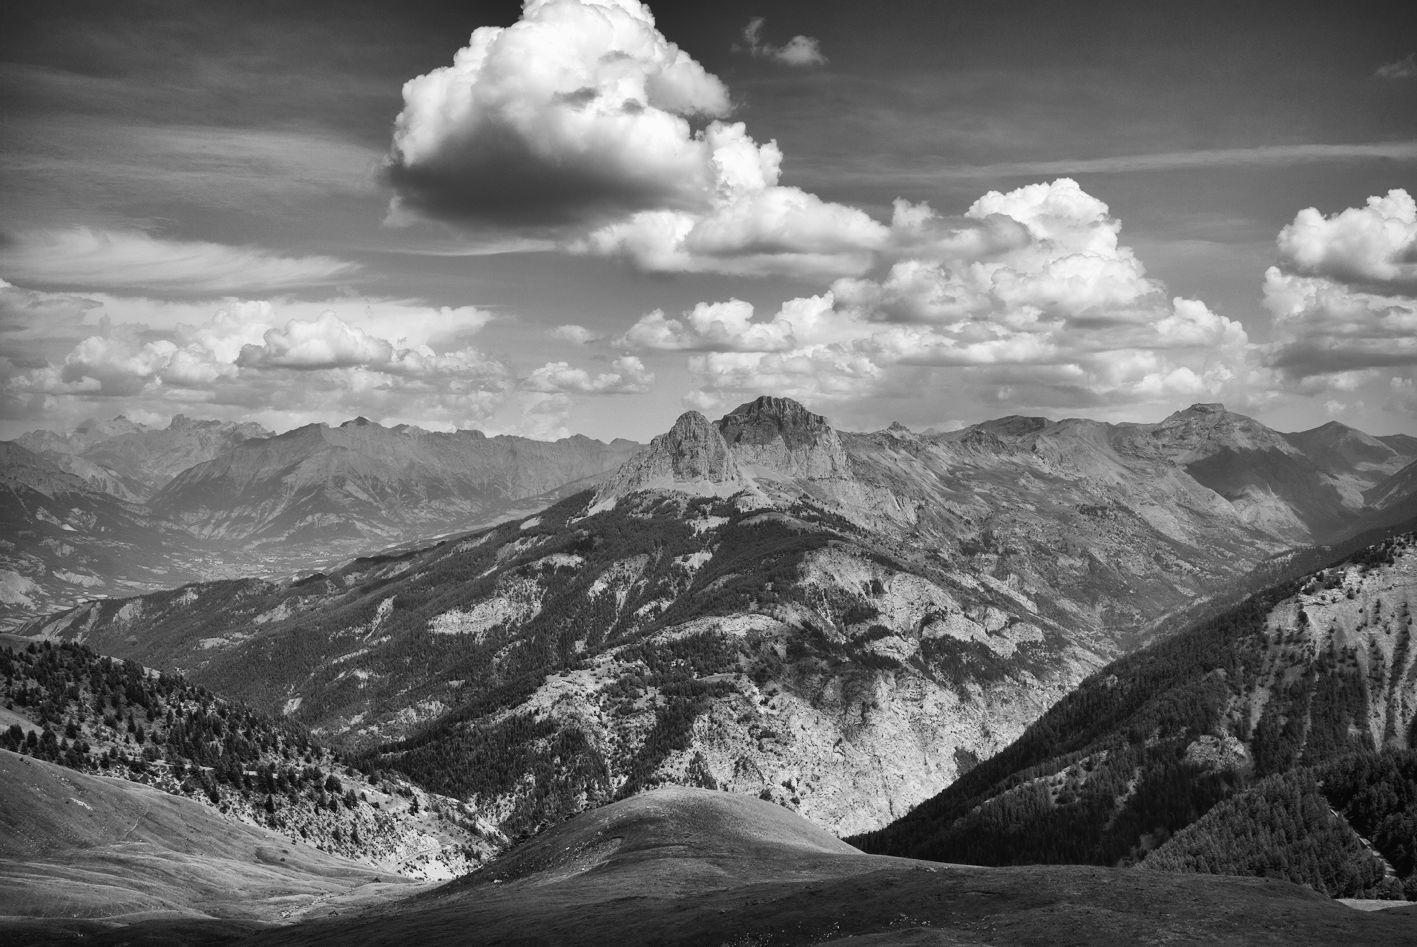 Montagne Paysage Allos Aout 2020 copie